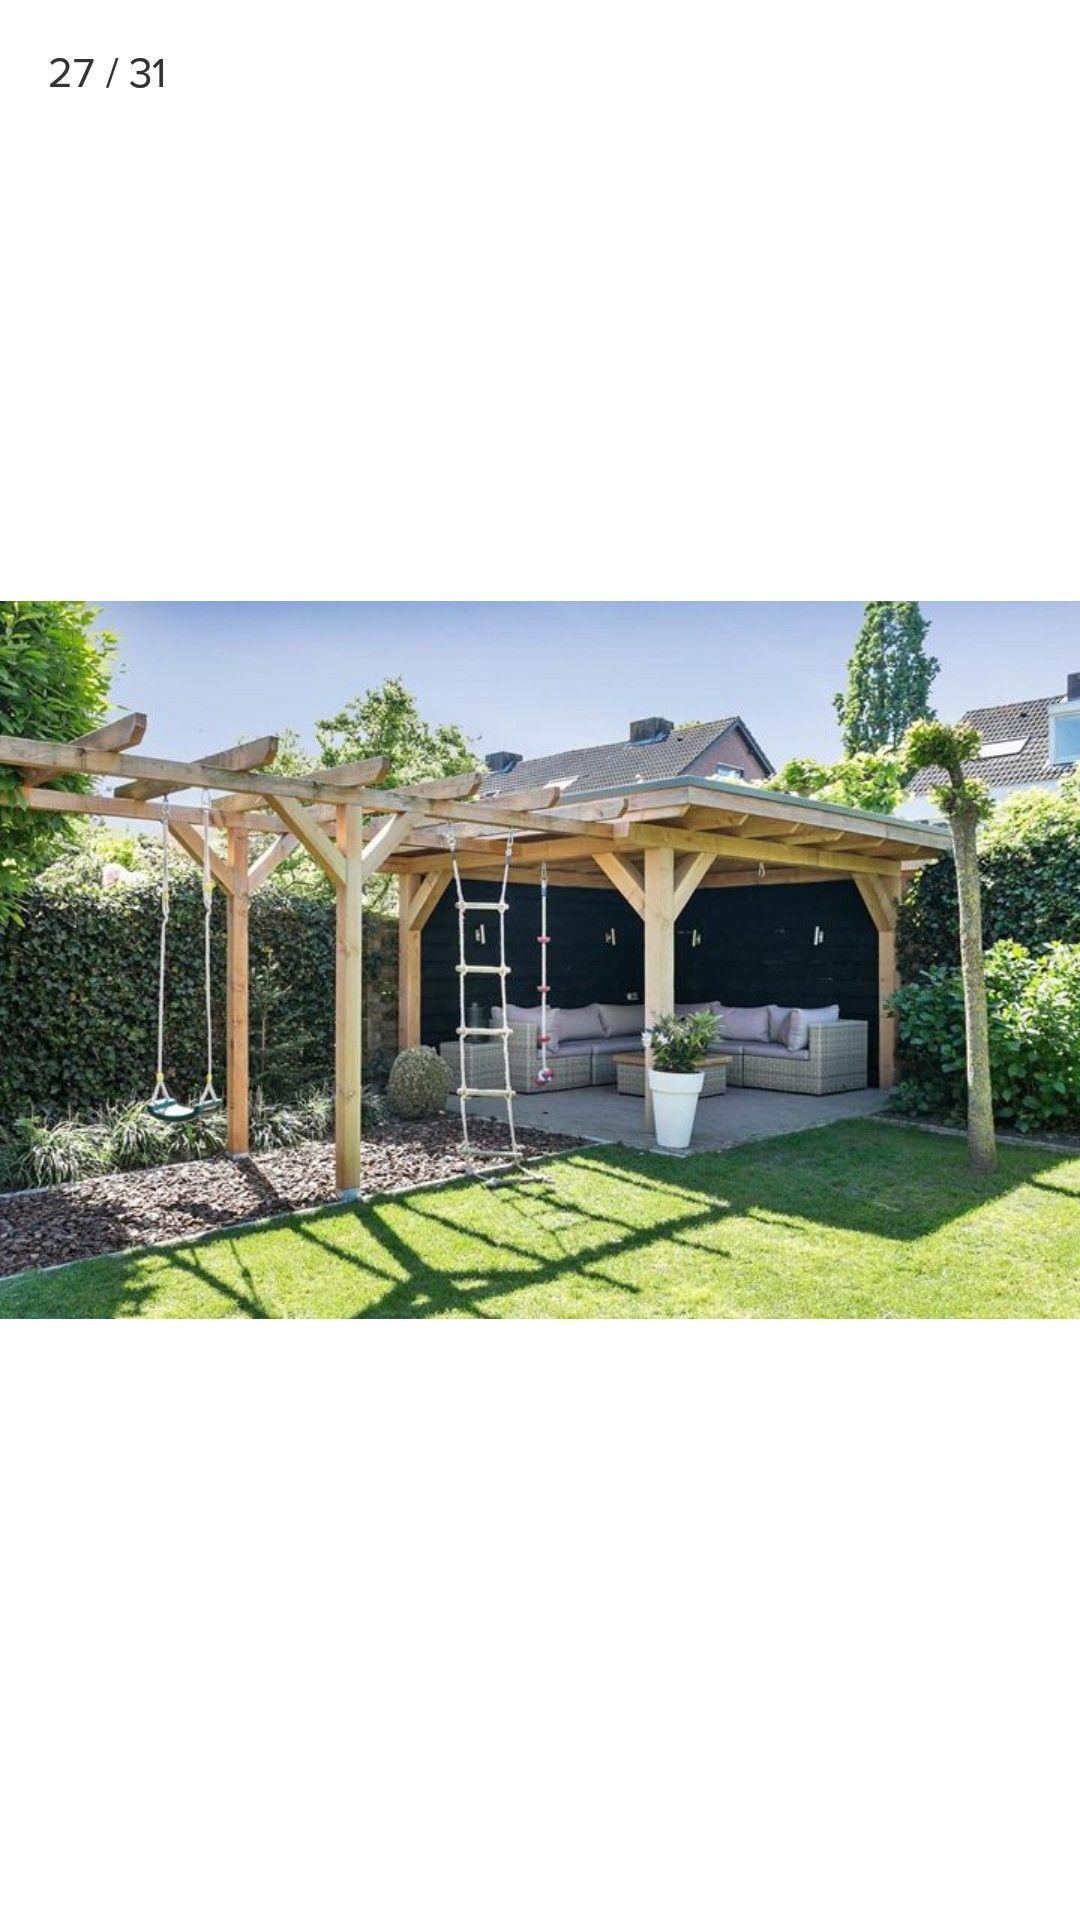 Photo of Hermosa zona de estar / estudio cubierta con jardín y columpio para niños